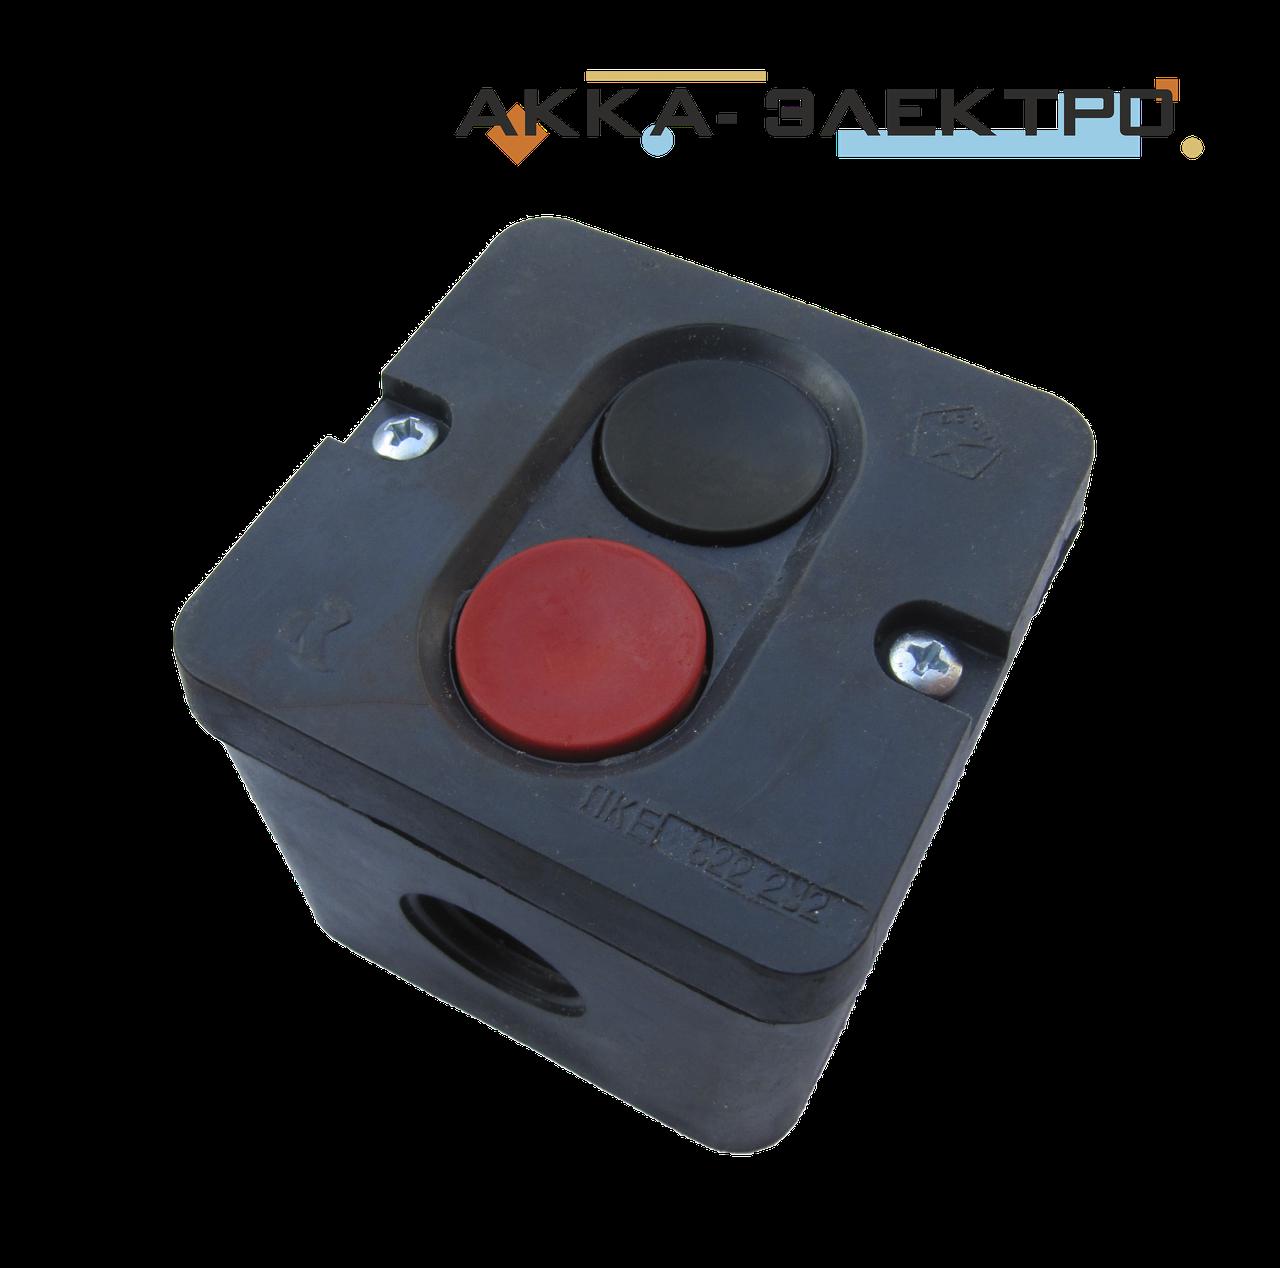 Пост кнопочный ПКУ-36 1-2-х(короткий)